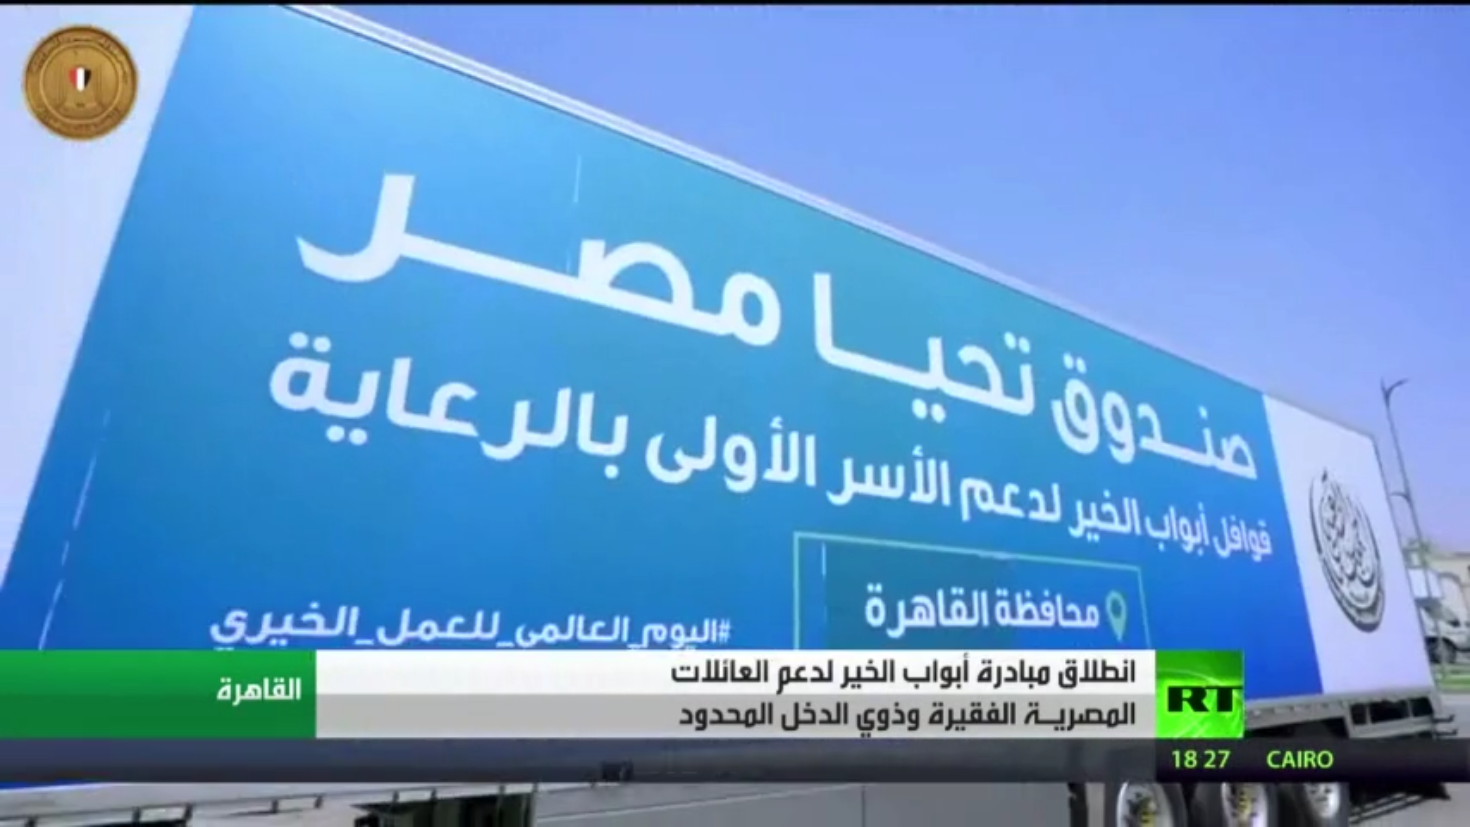 مصر.. مبادرة أبوب الخير لدعم ملايين الفقراء